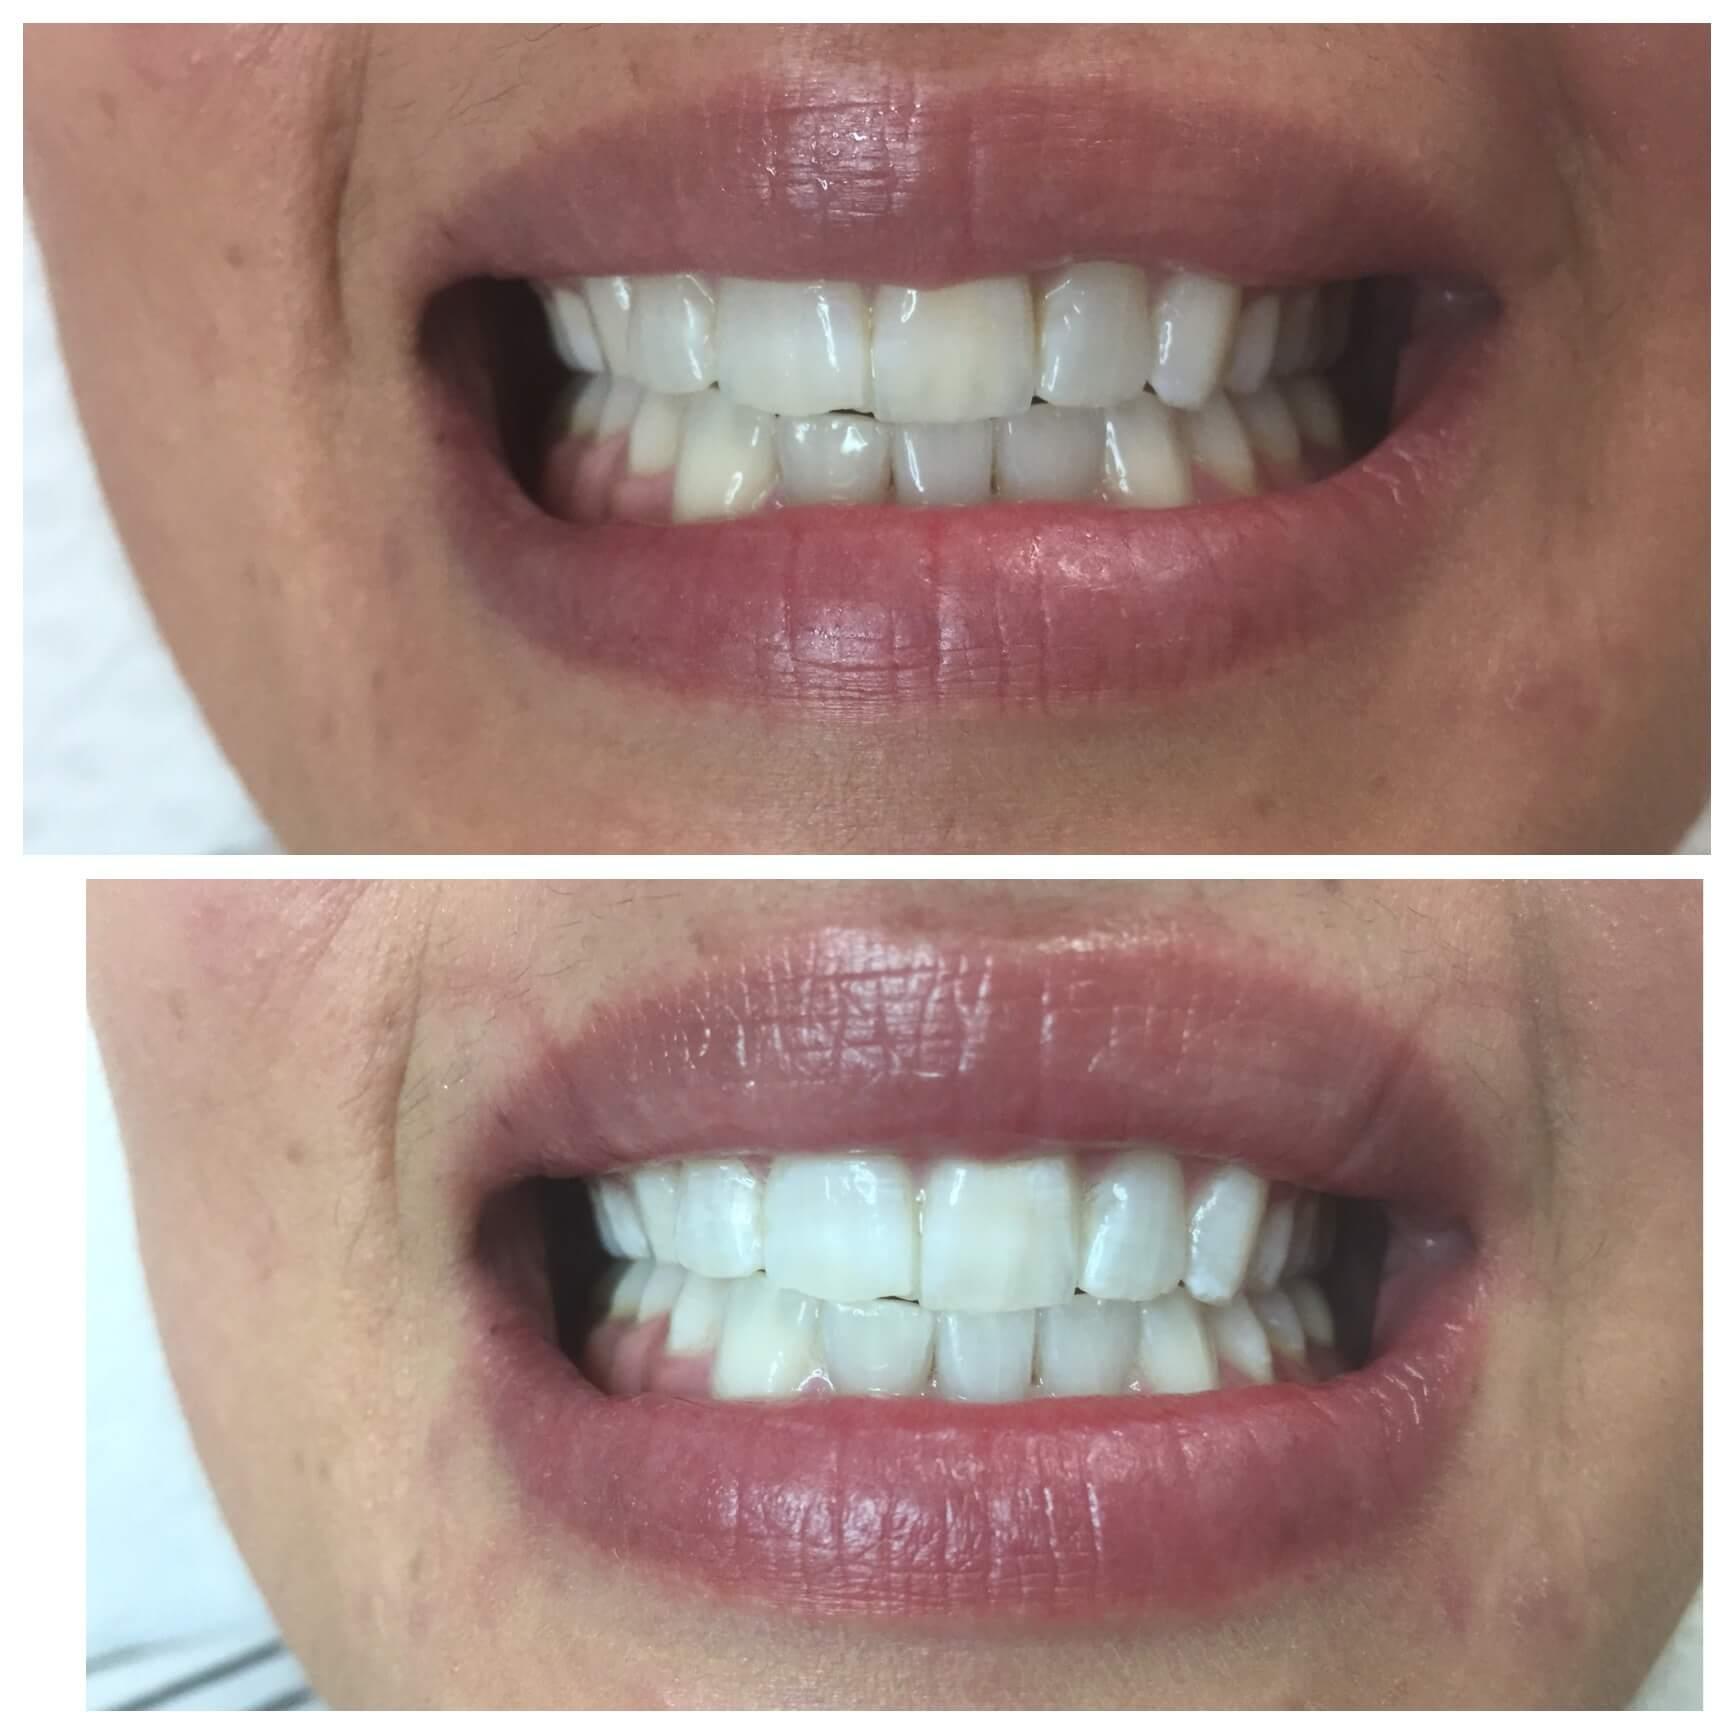 پاک شدن دندان ها پس از مسواک